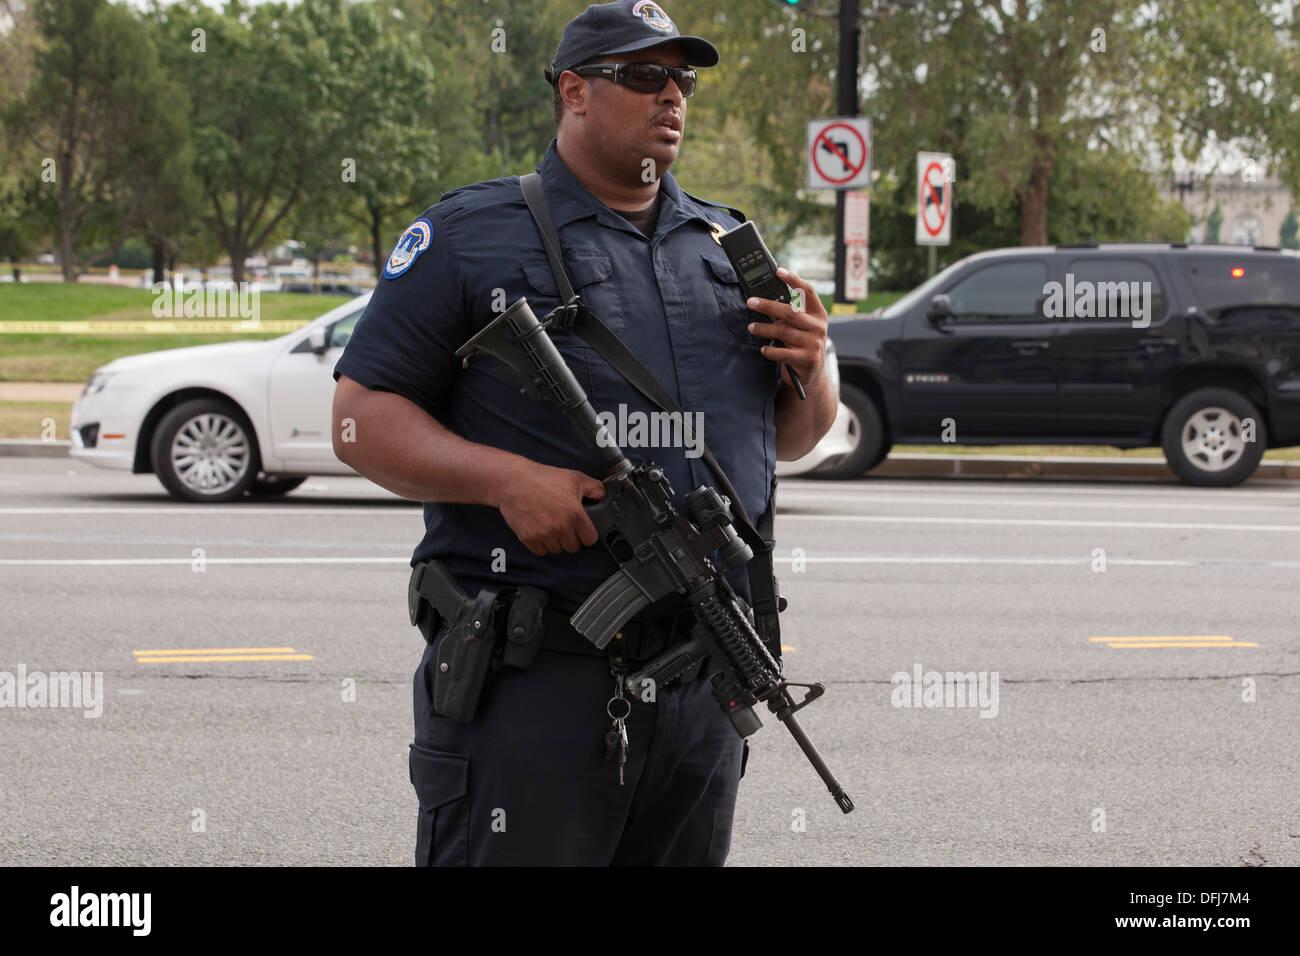 Polizist mit einem halbautomatischen Gewehr an einem Tatort - Washington, DC USA Stockbild